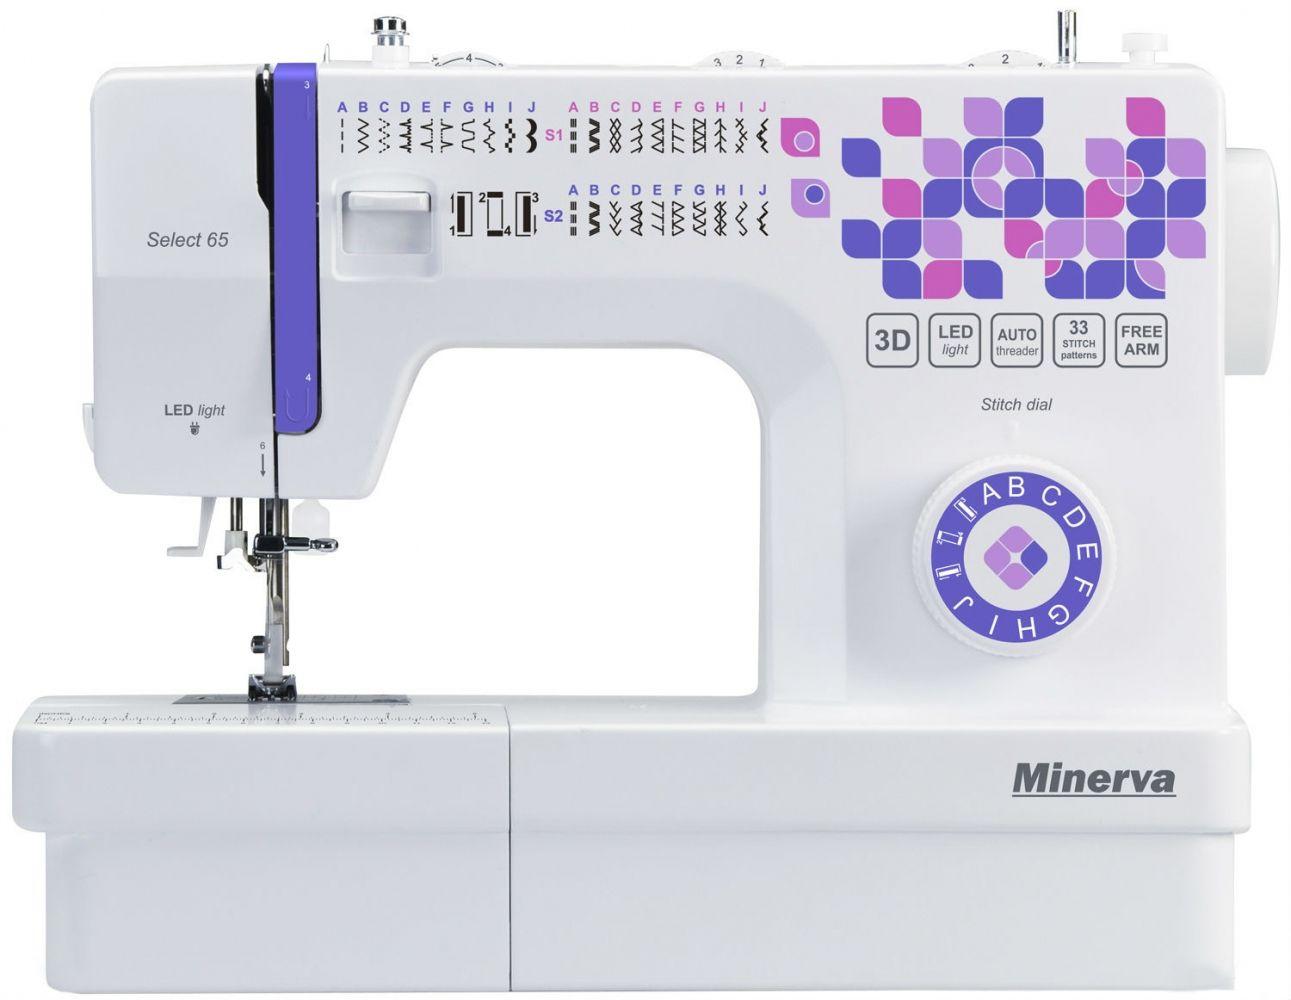 Купить Швейные машинки, Швейная машина Minerva Select 65